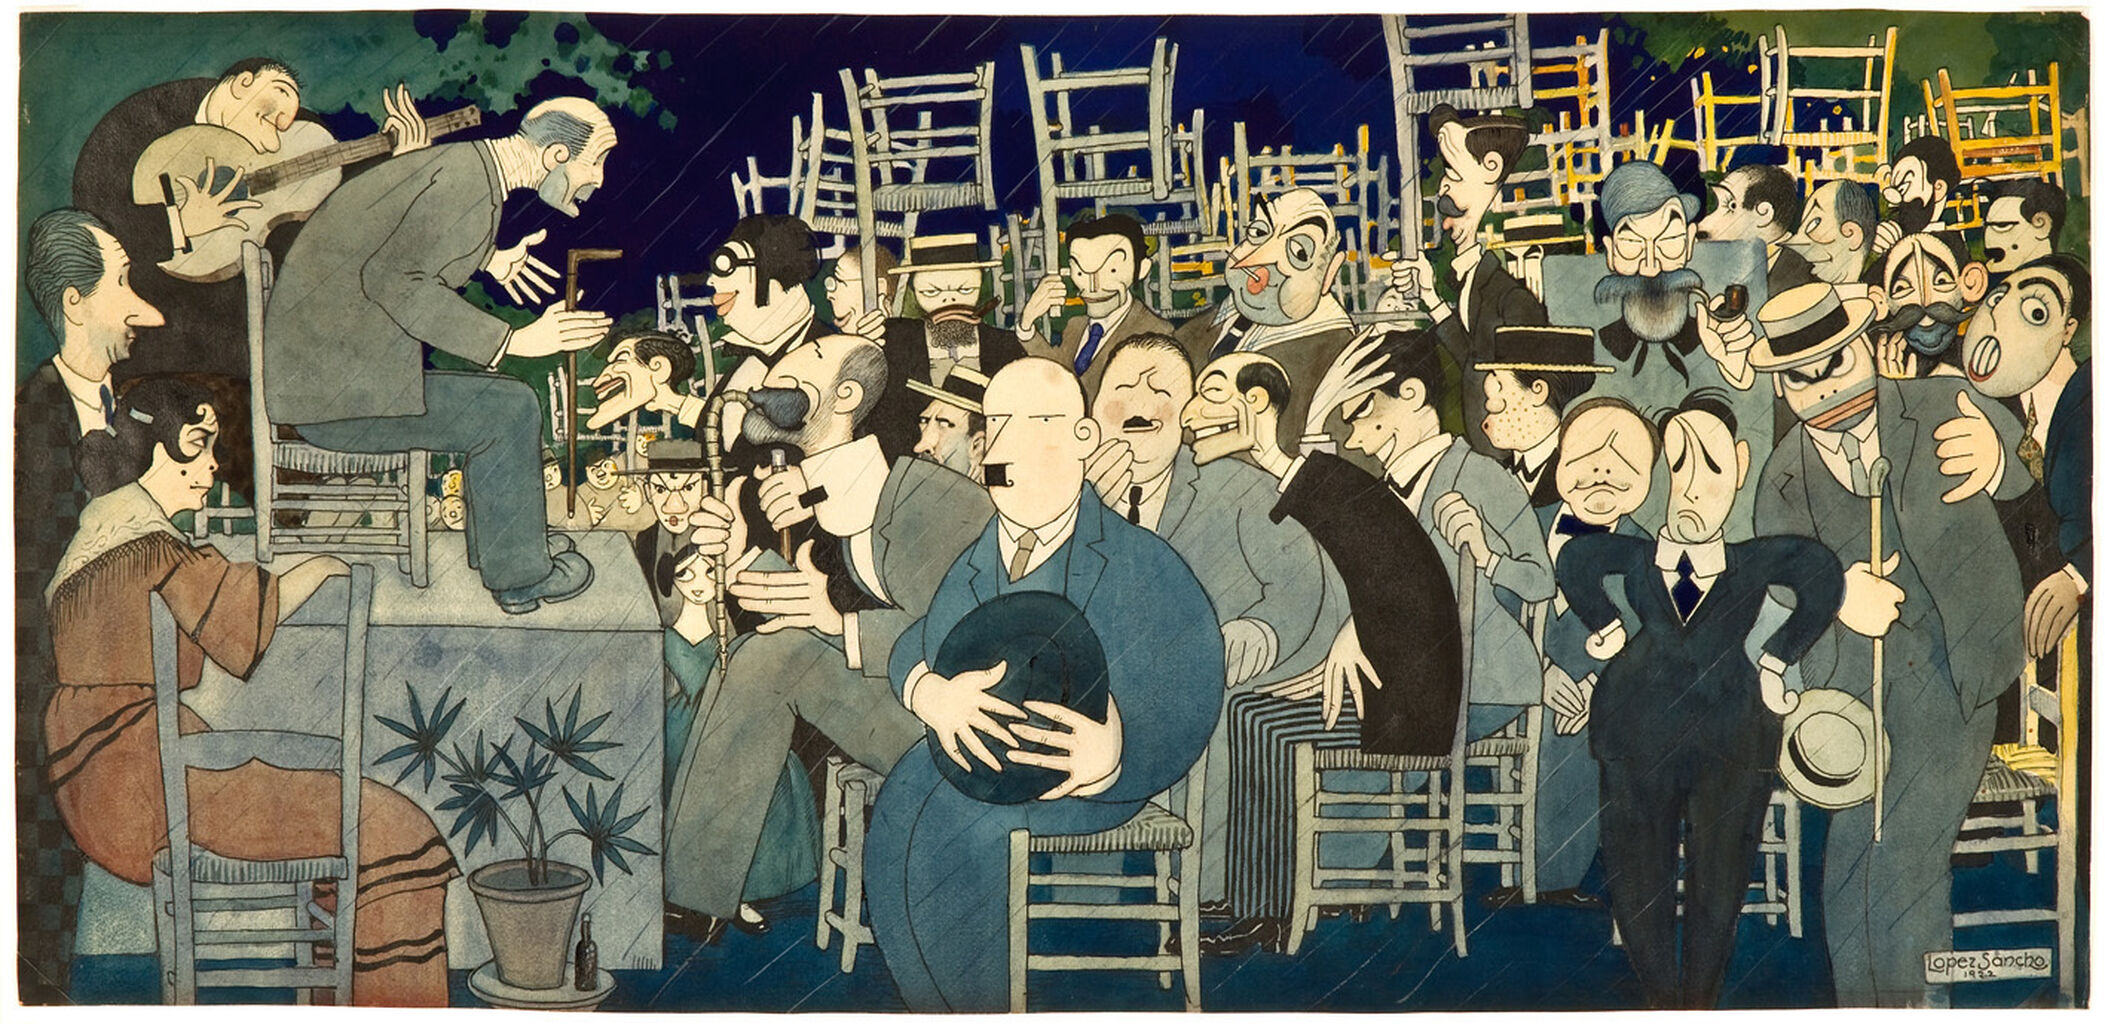 El Concurso De Cante Jondo De 1922 Un Poco Más Eterno